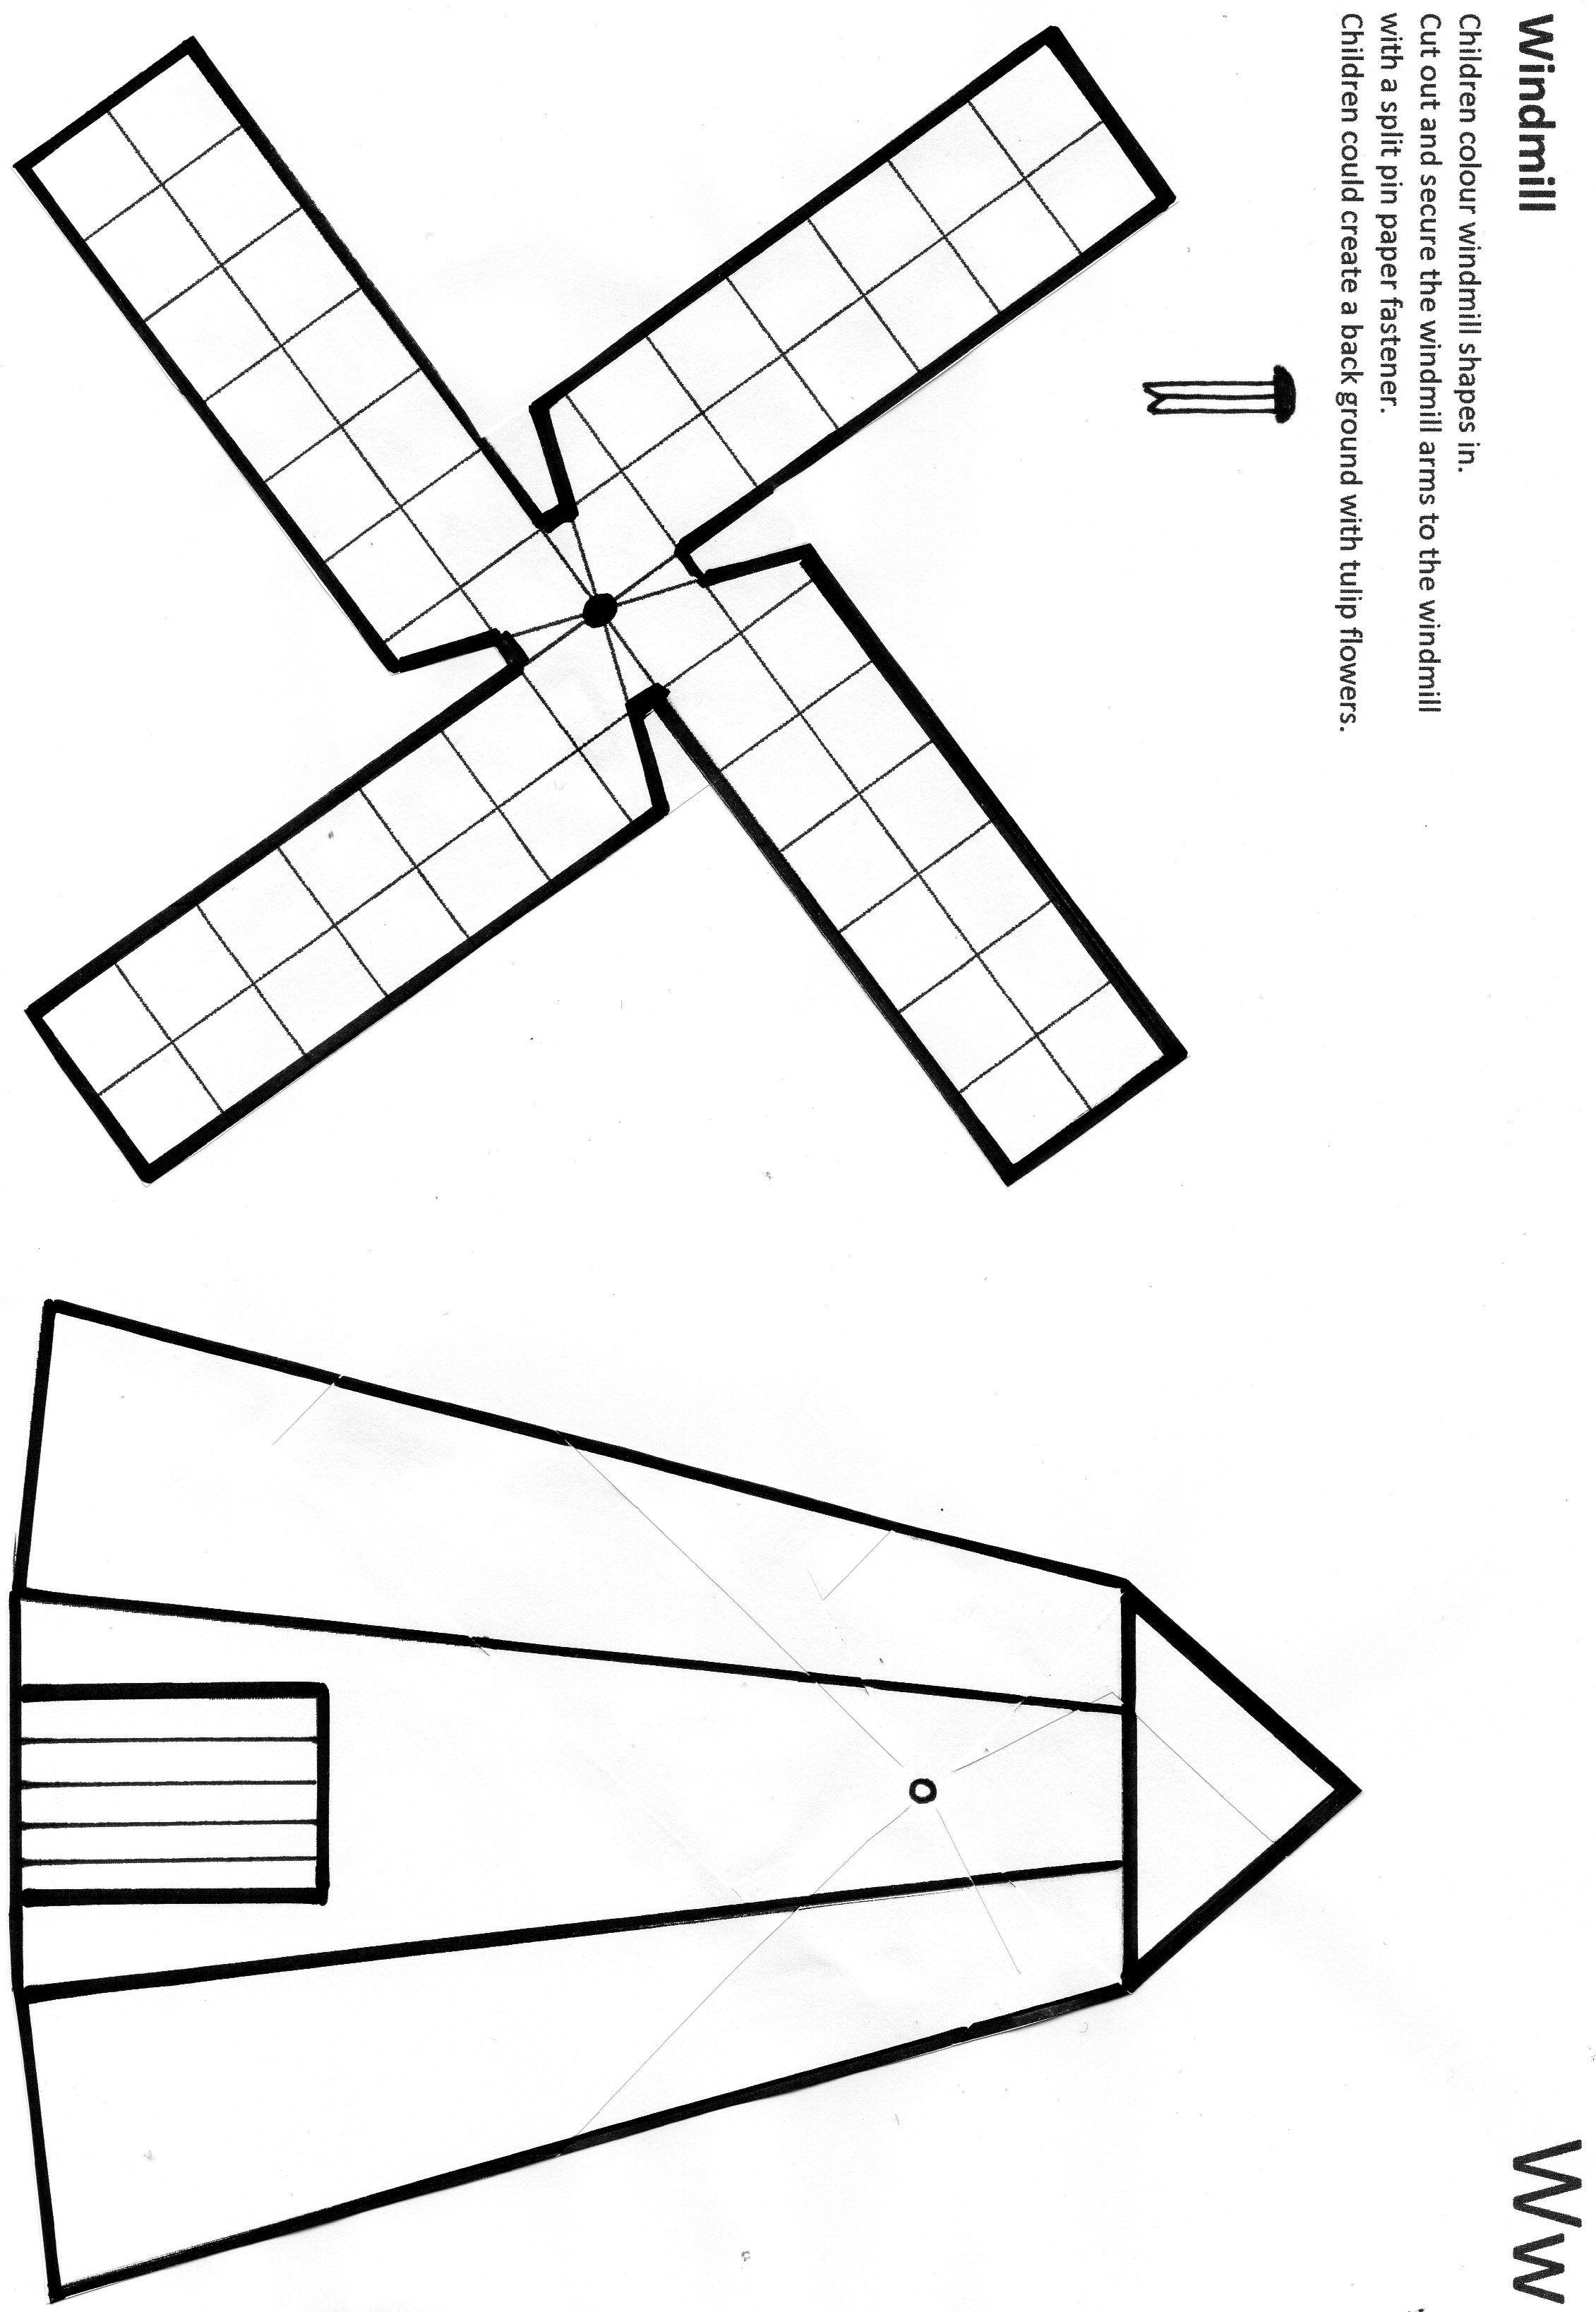 Preschool Wind Worksheet To Print